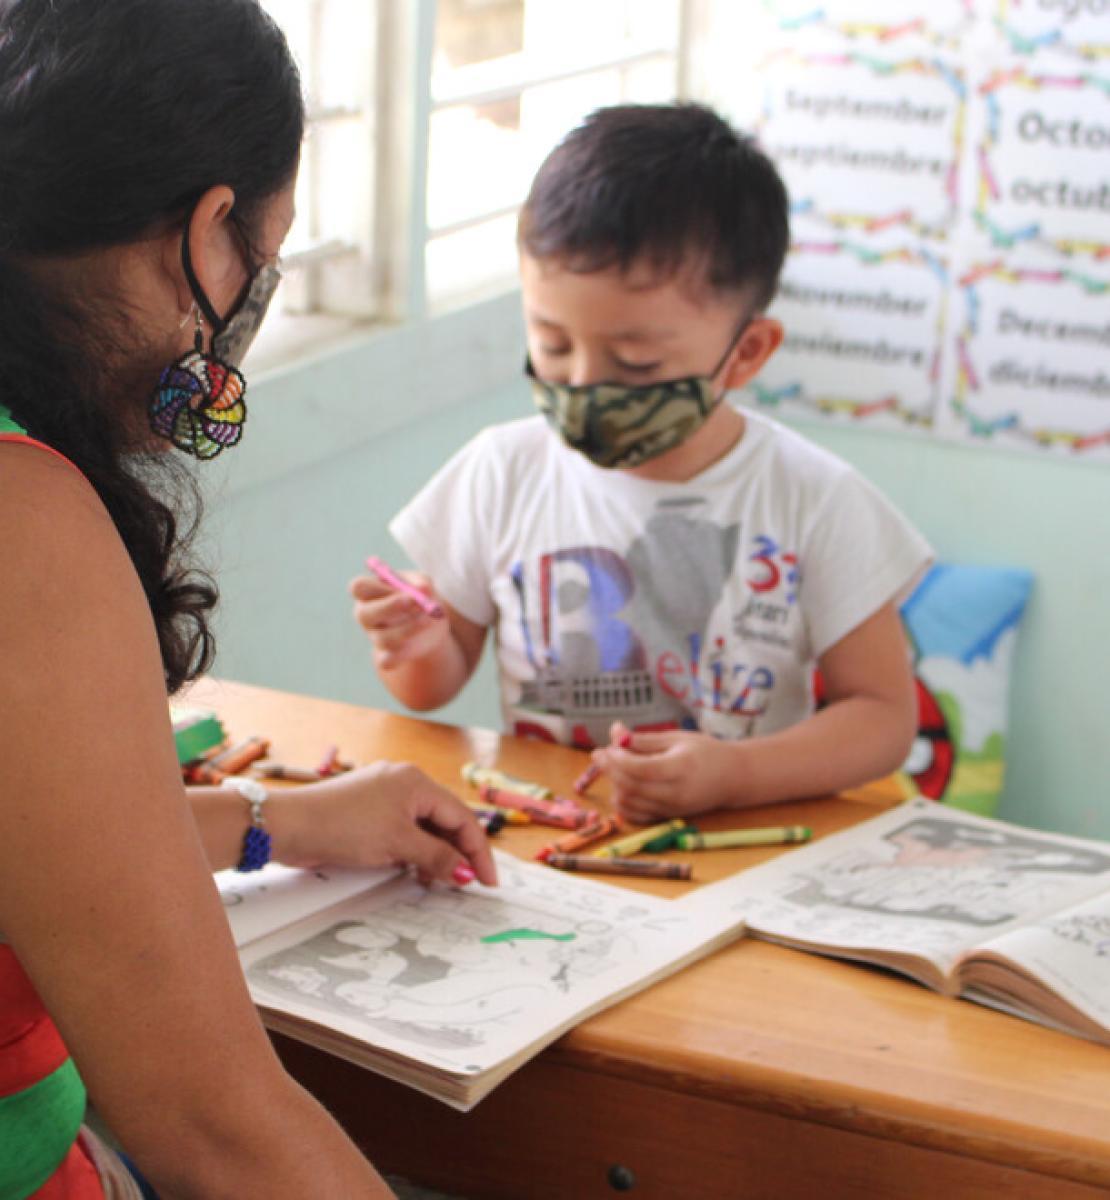 Une femme et un enfant portant des masques de protection sont assis à une table en bois l'un en face de l'autre et regardent des livres de coloriage.